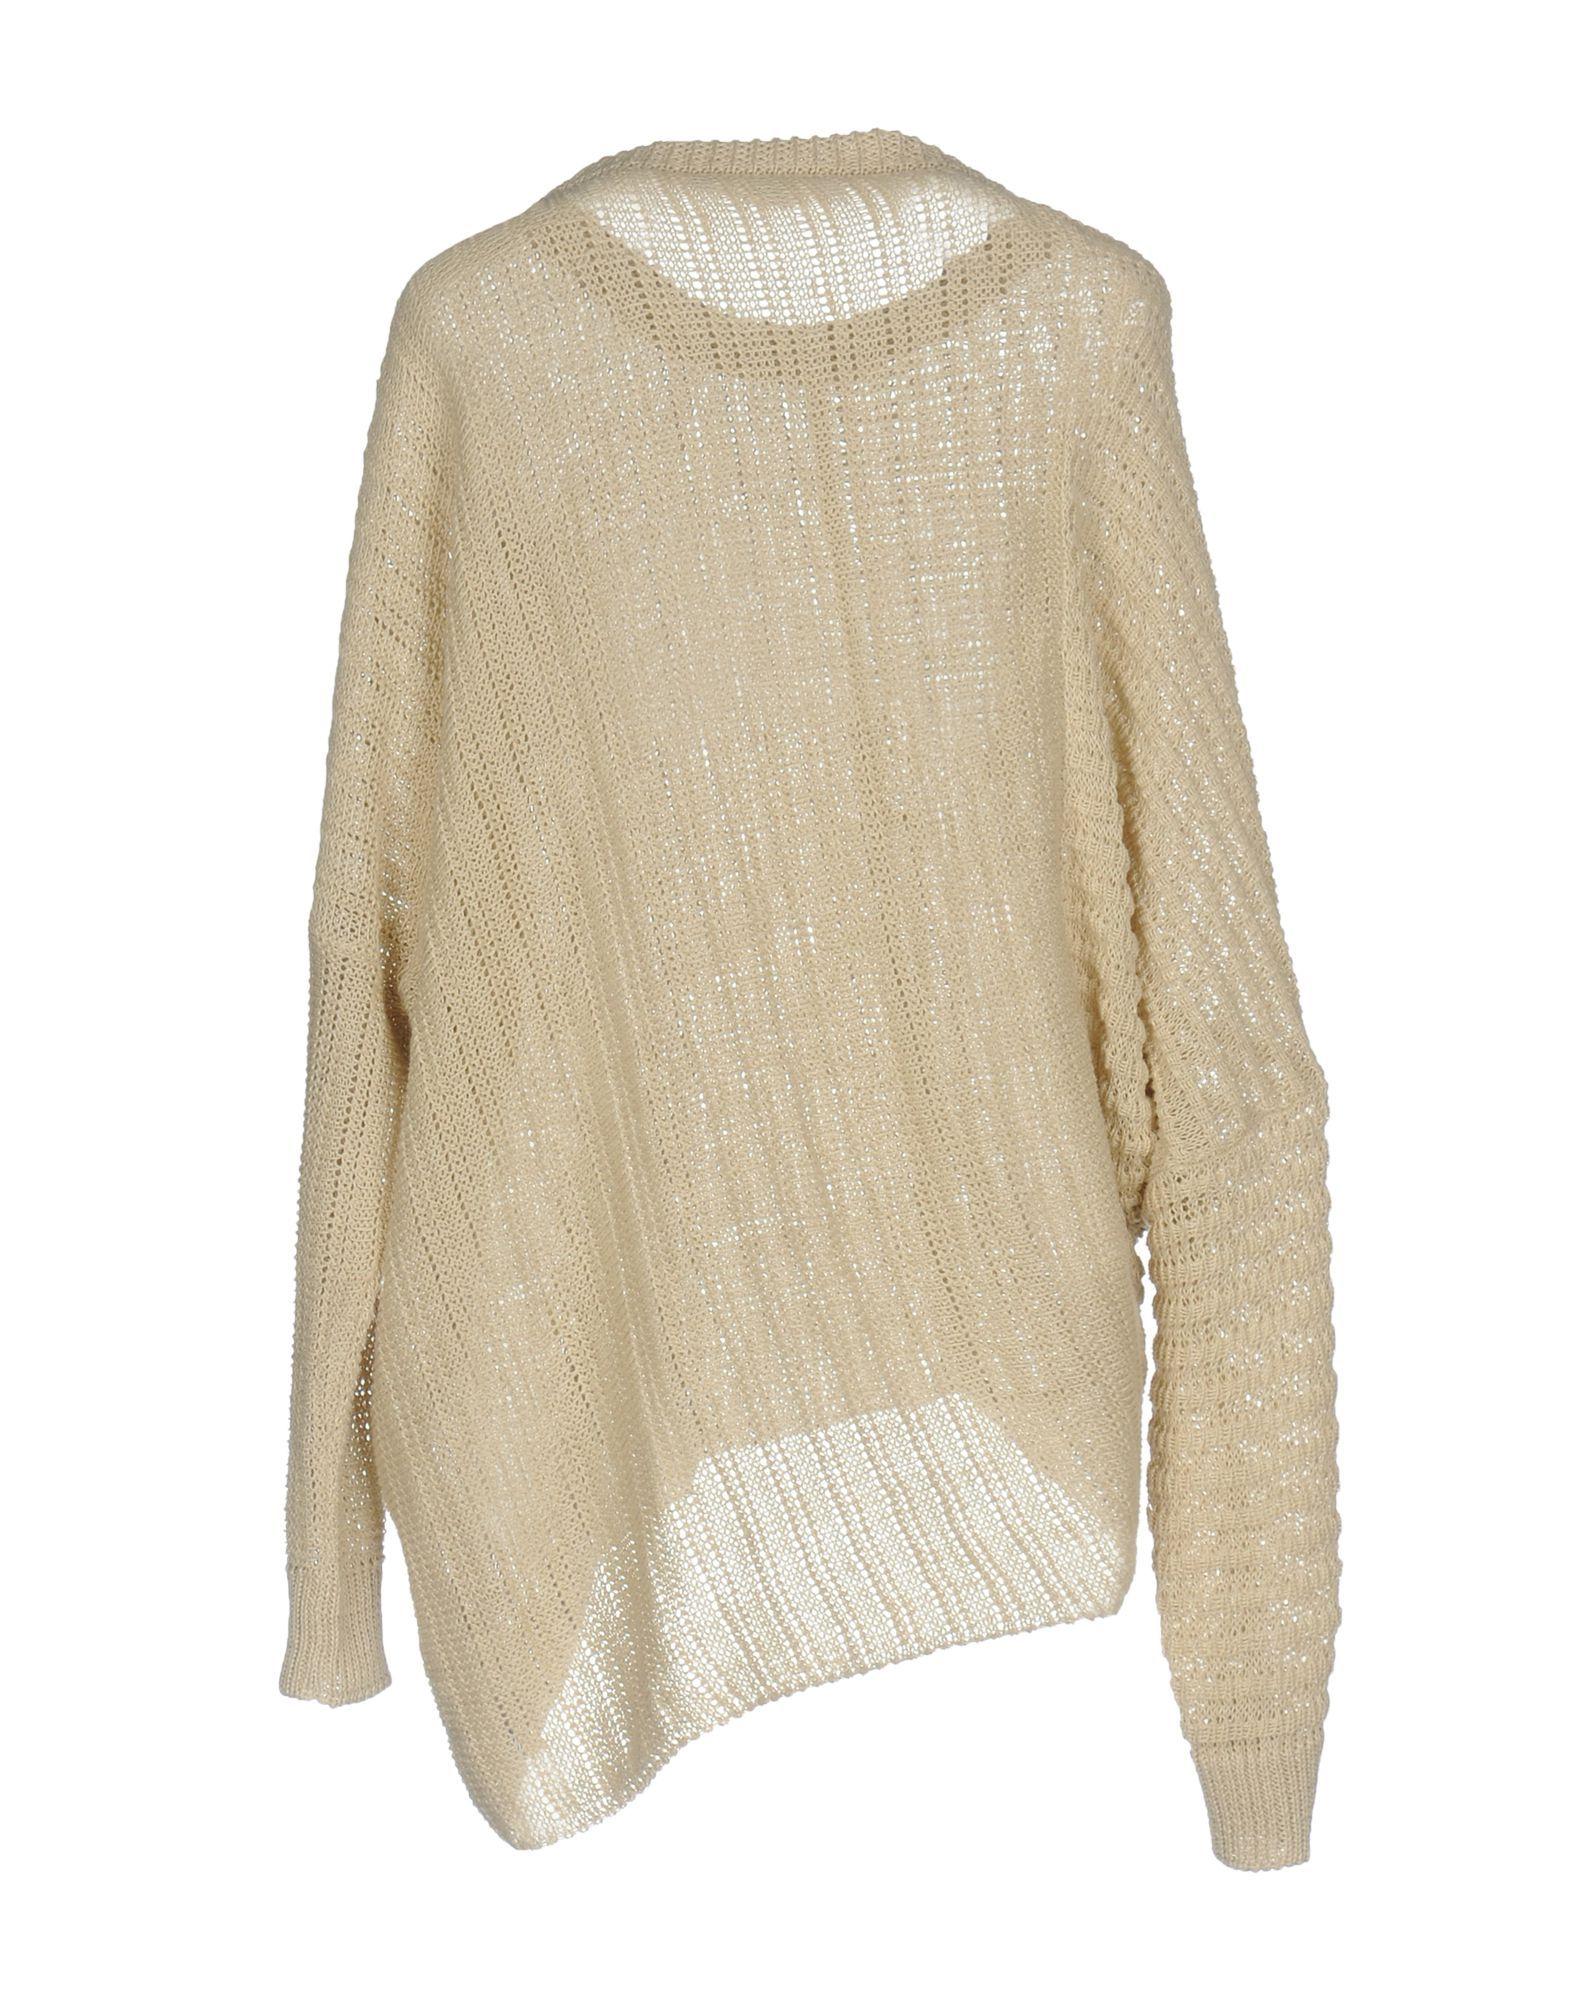 Stella McCartney Beige Linen Knit Jumper